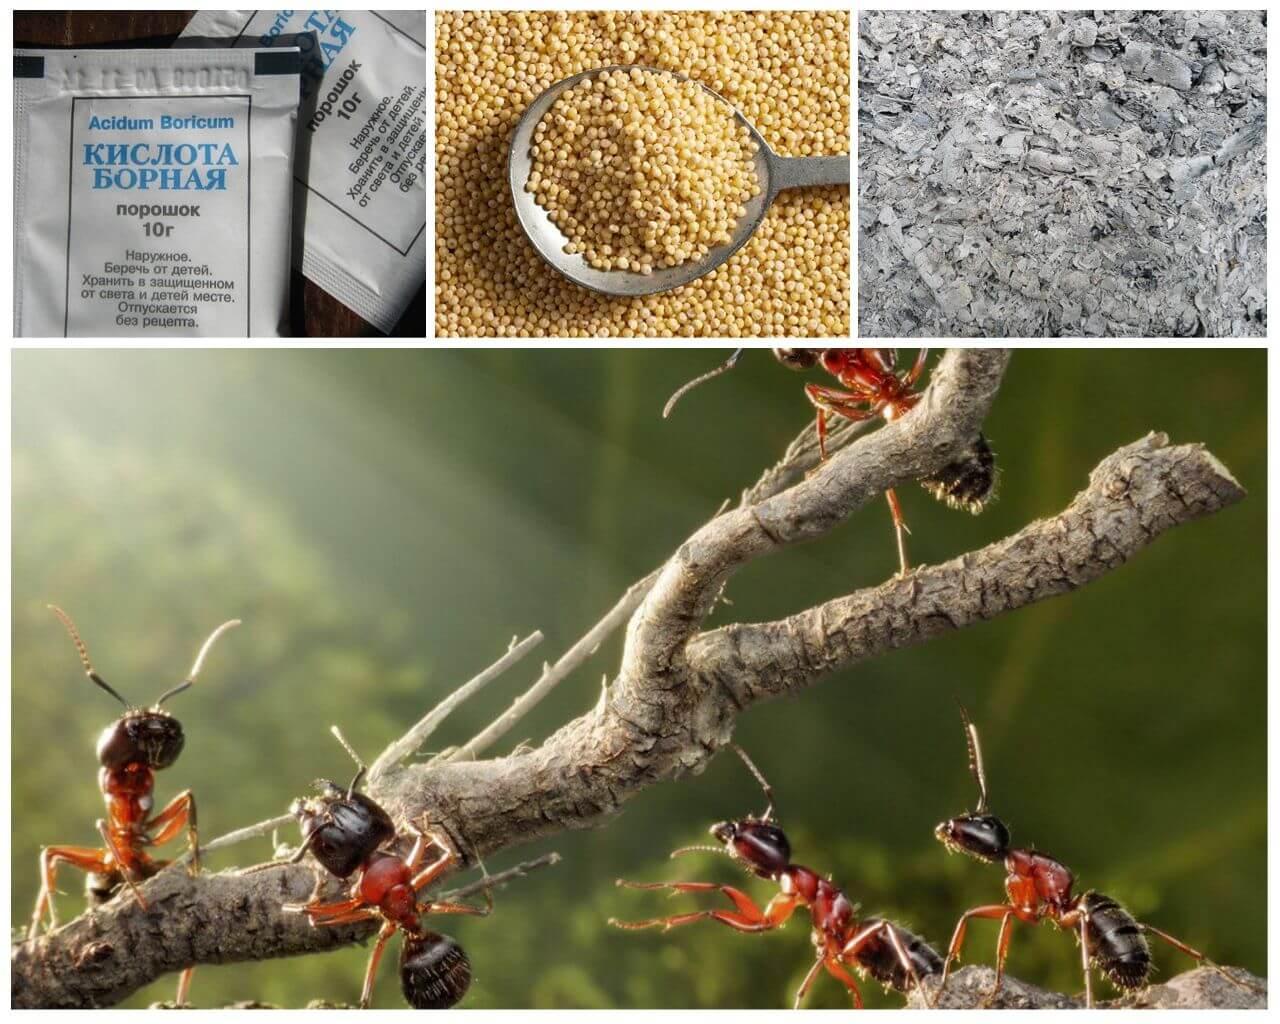 Борьба с муравьями на садовом участке народными средствами